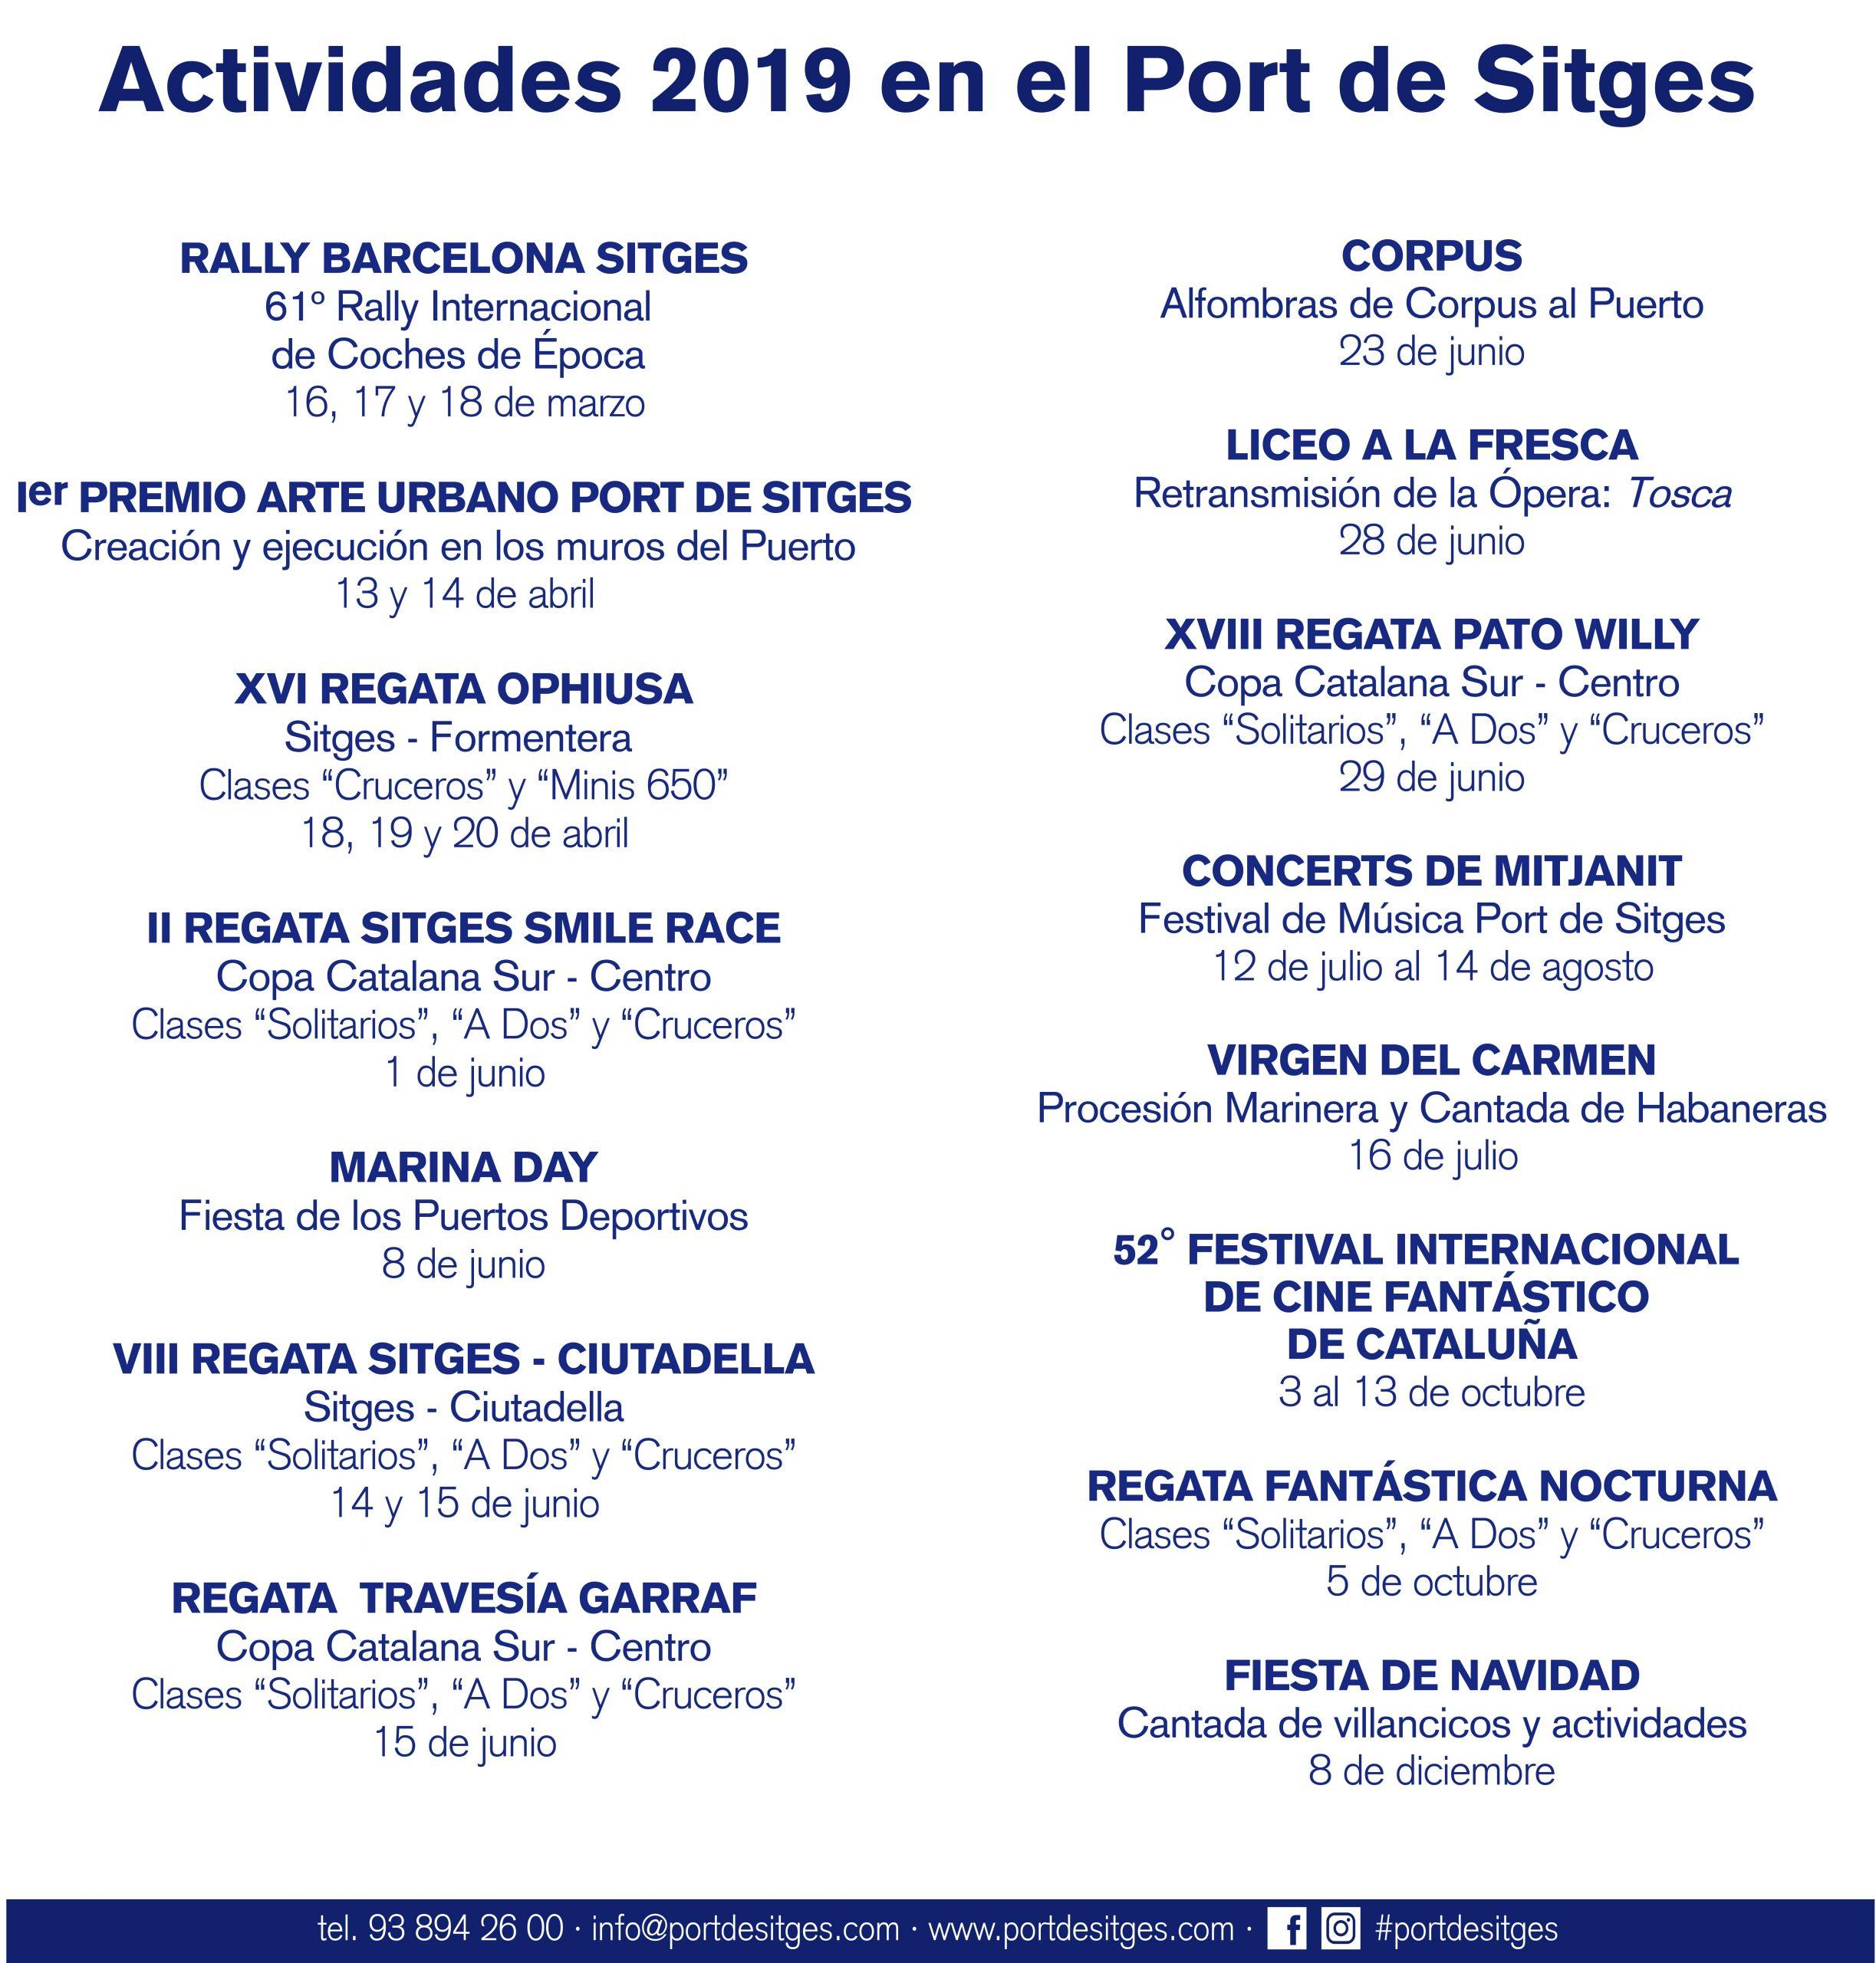 Calendario de actividades del Port de Sitges para 2019